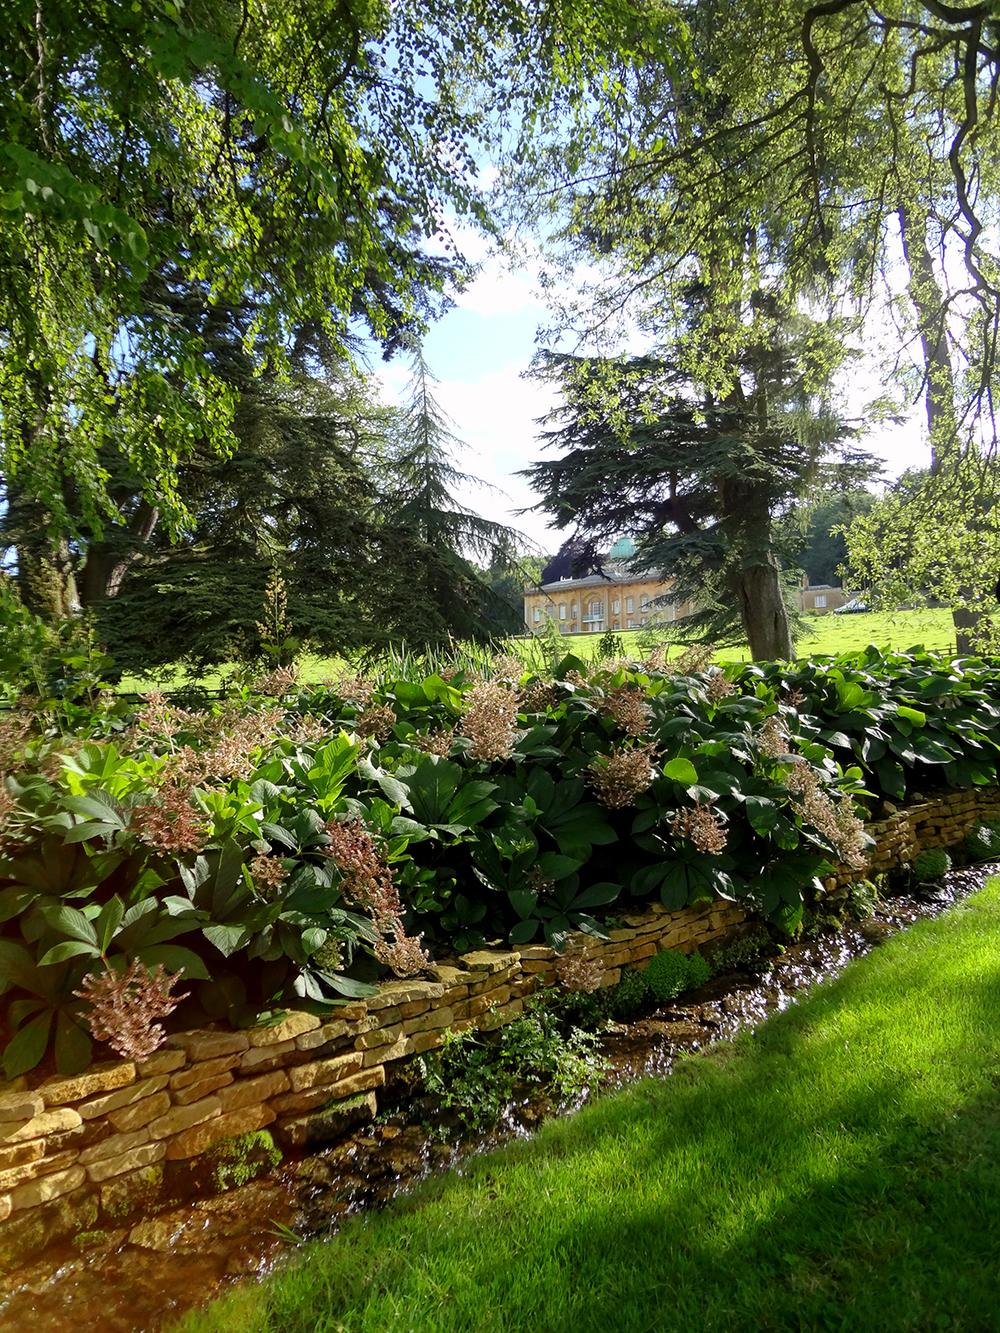 Sezincote, Gloucestershire, England